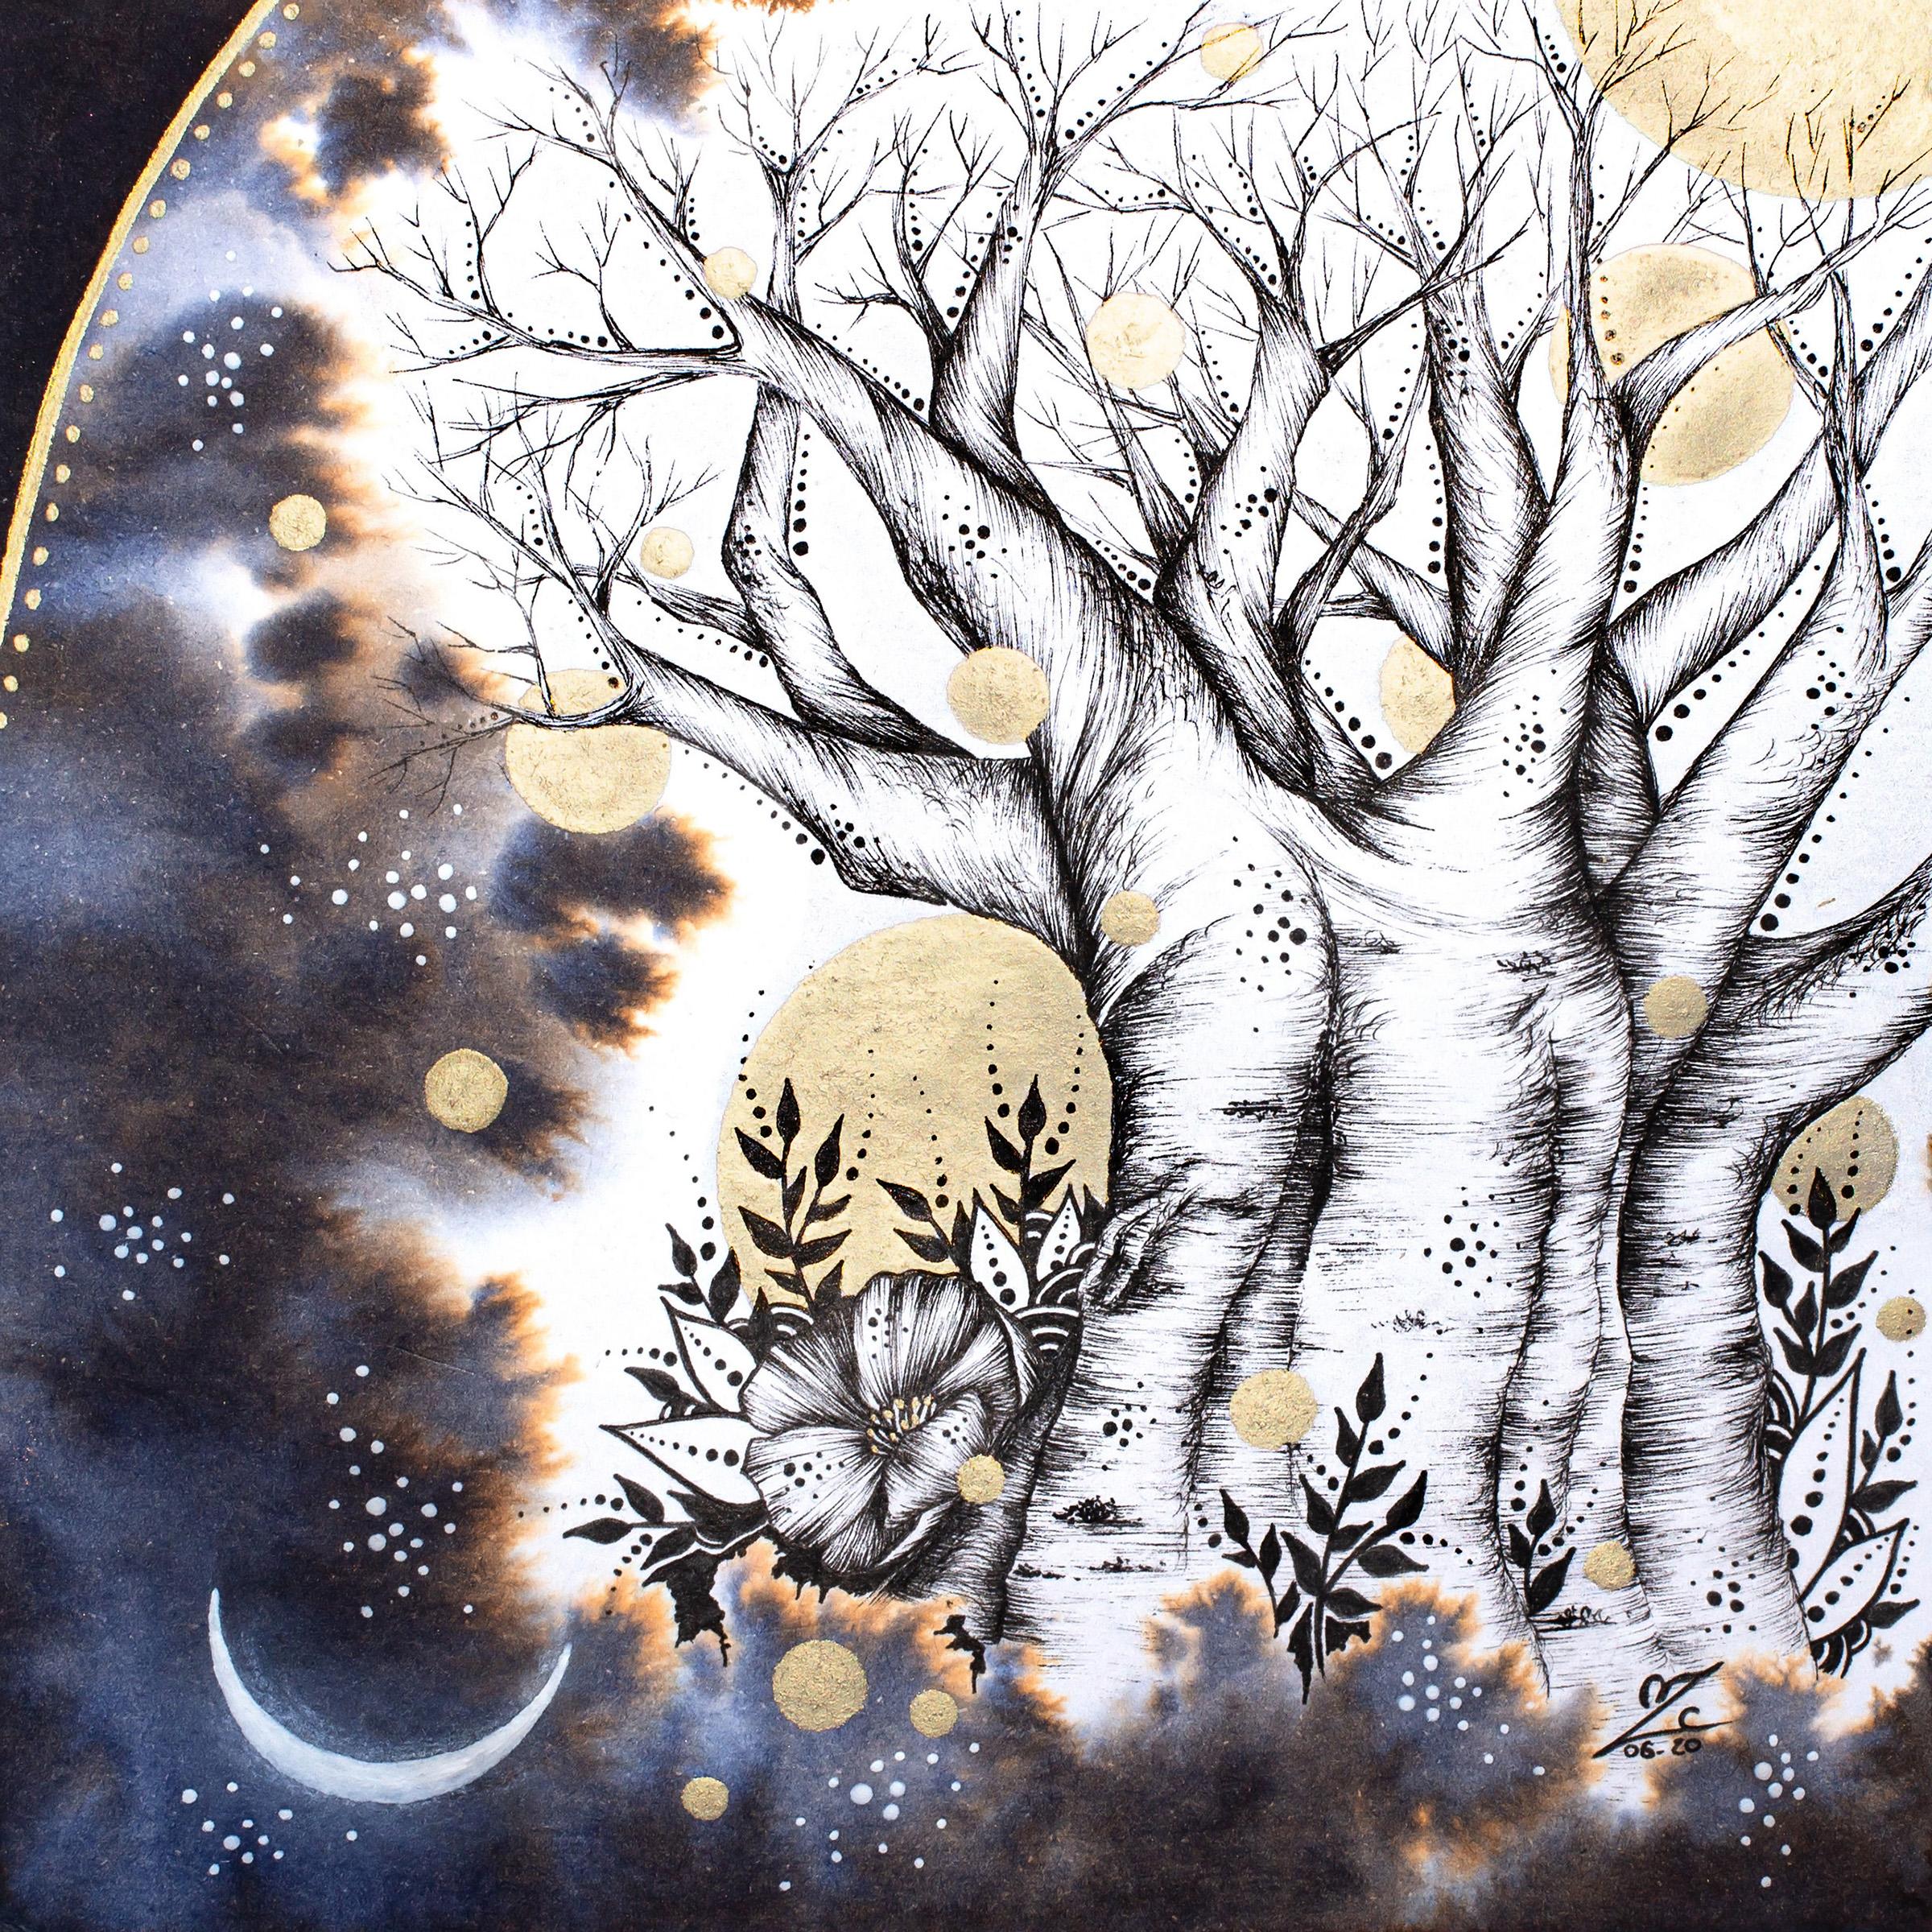 Baobab - 14x14cm - Sold